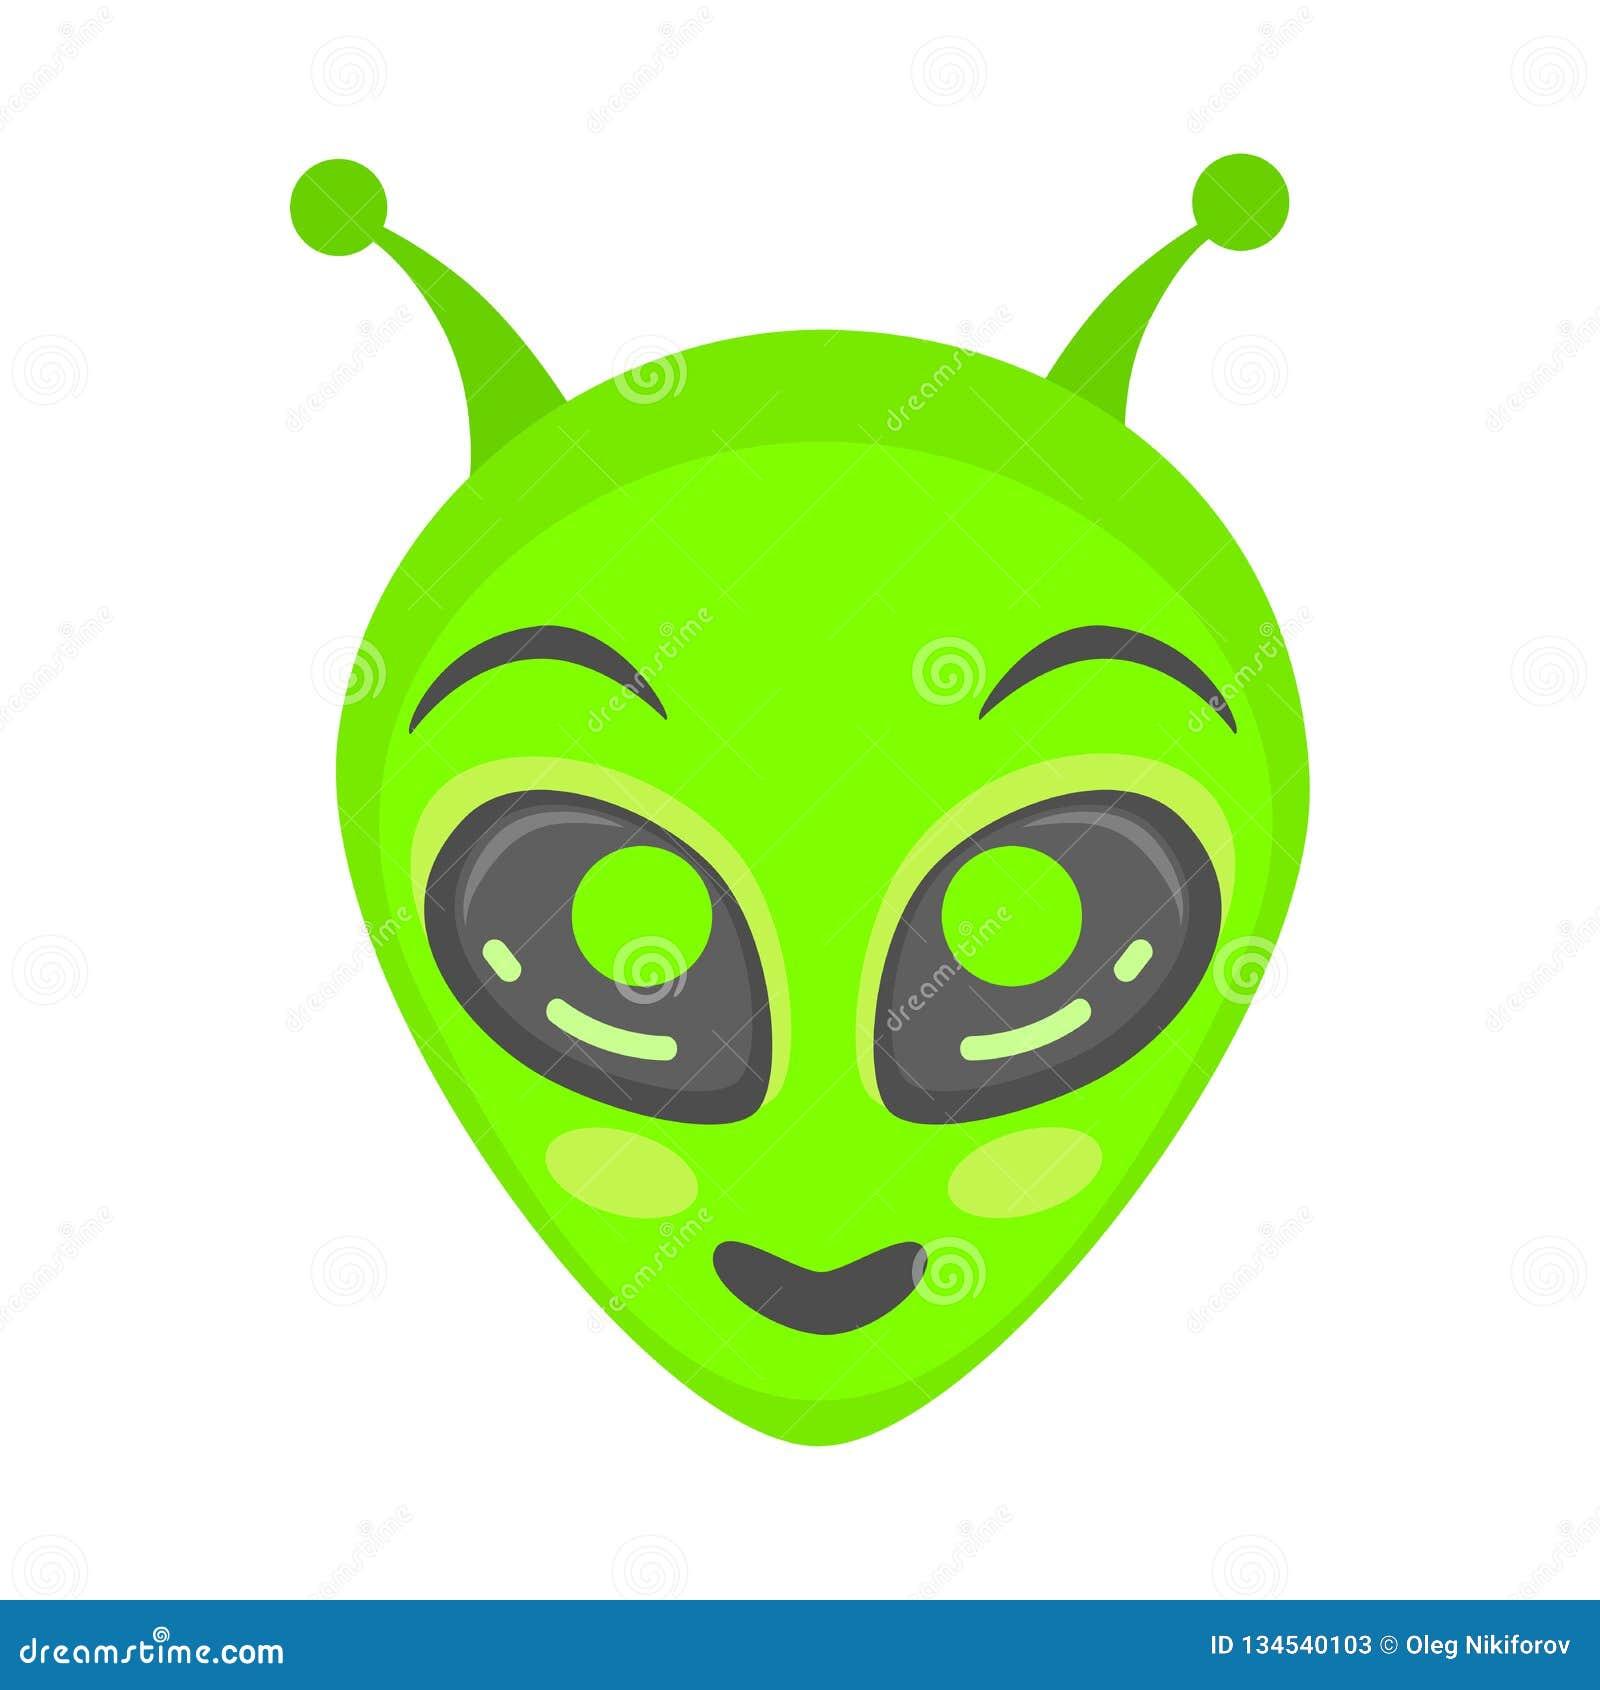 Animated Venus, Animated Aliens